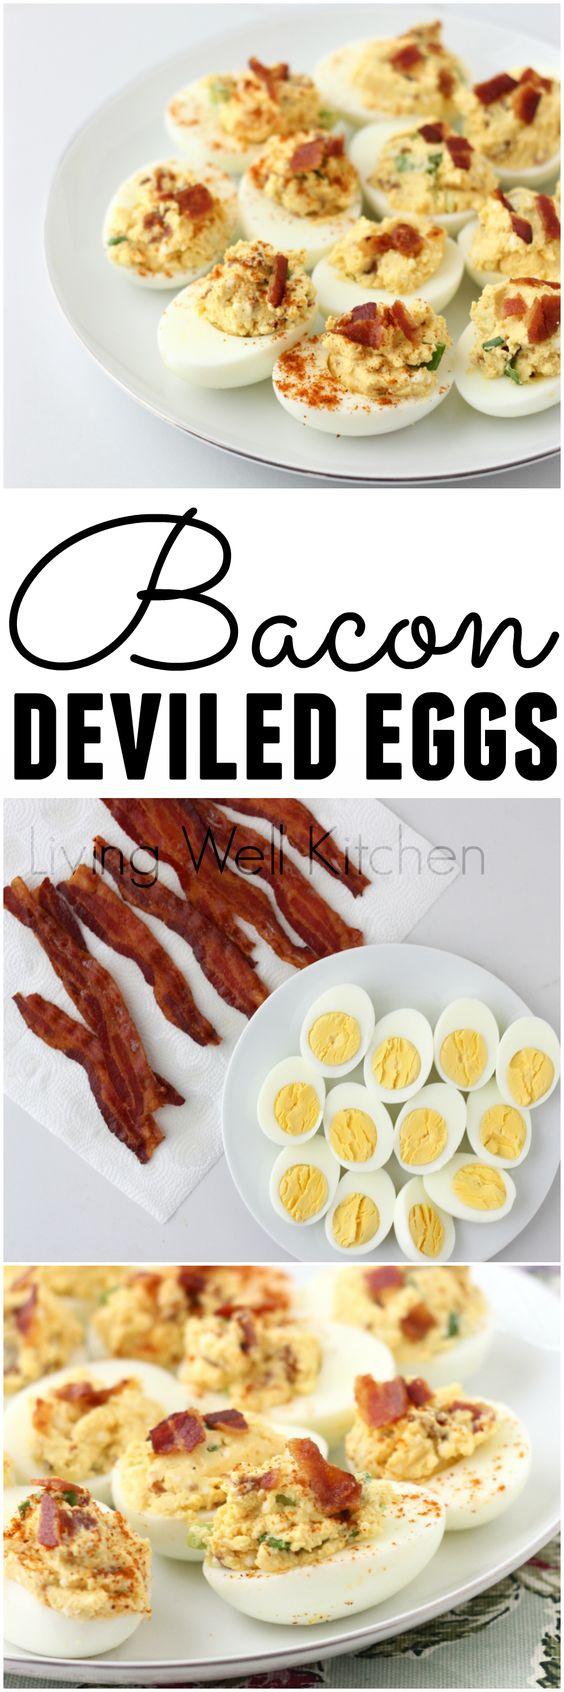 Dem Deviled Eggs Meme